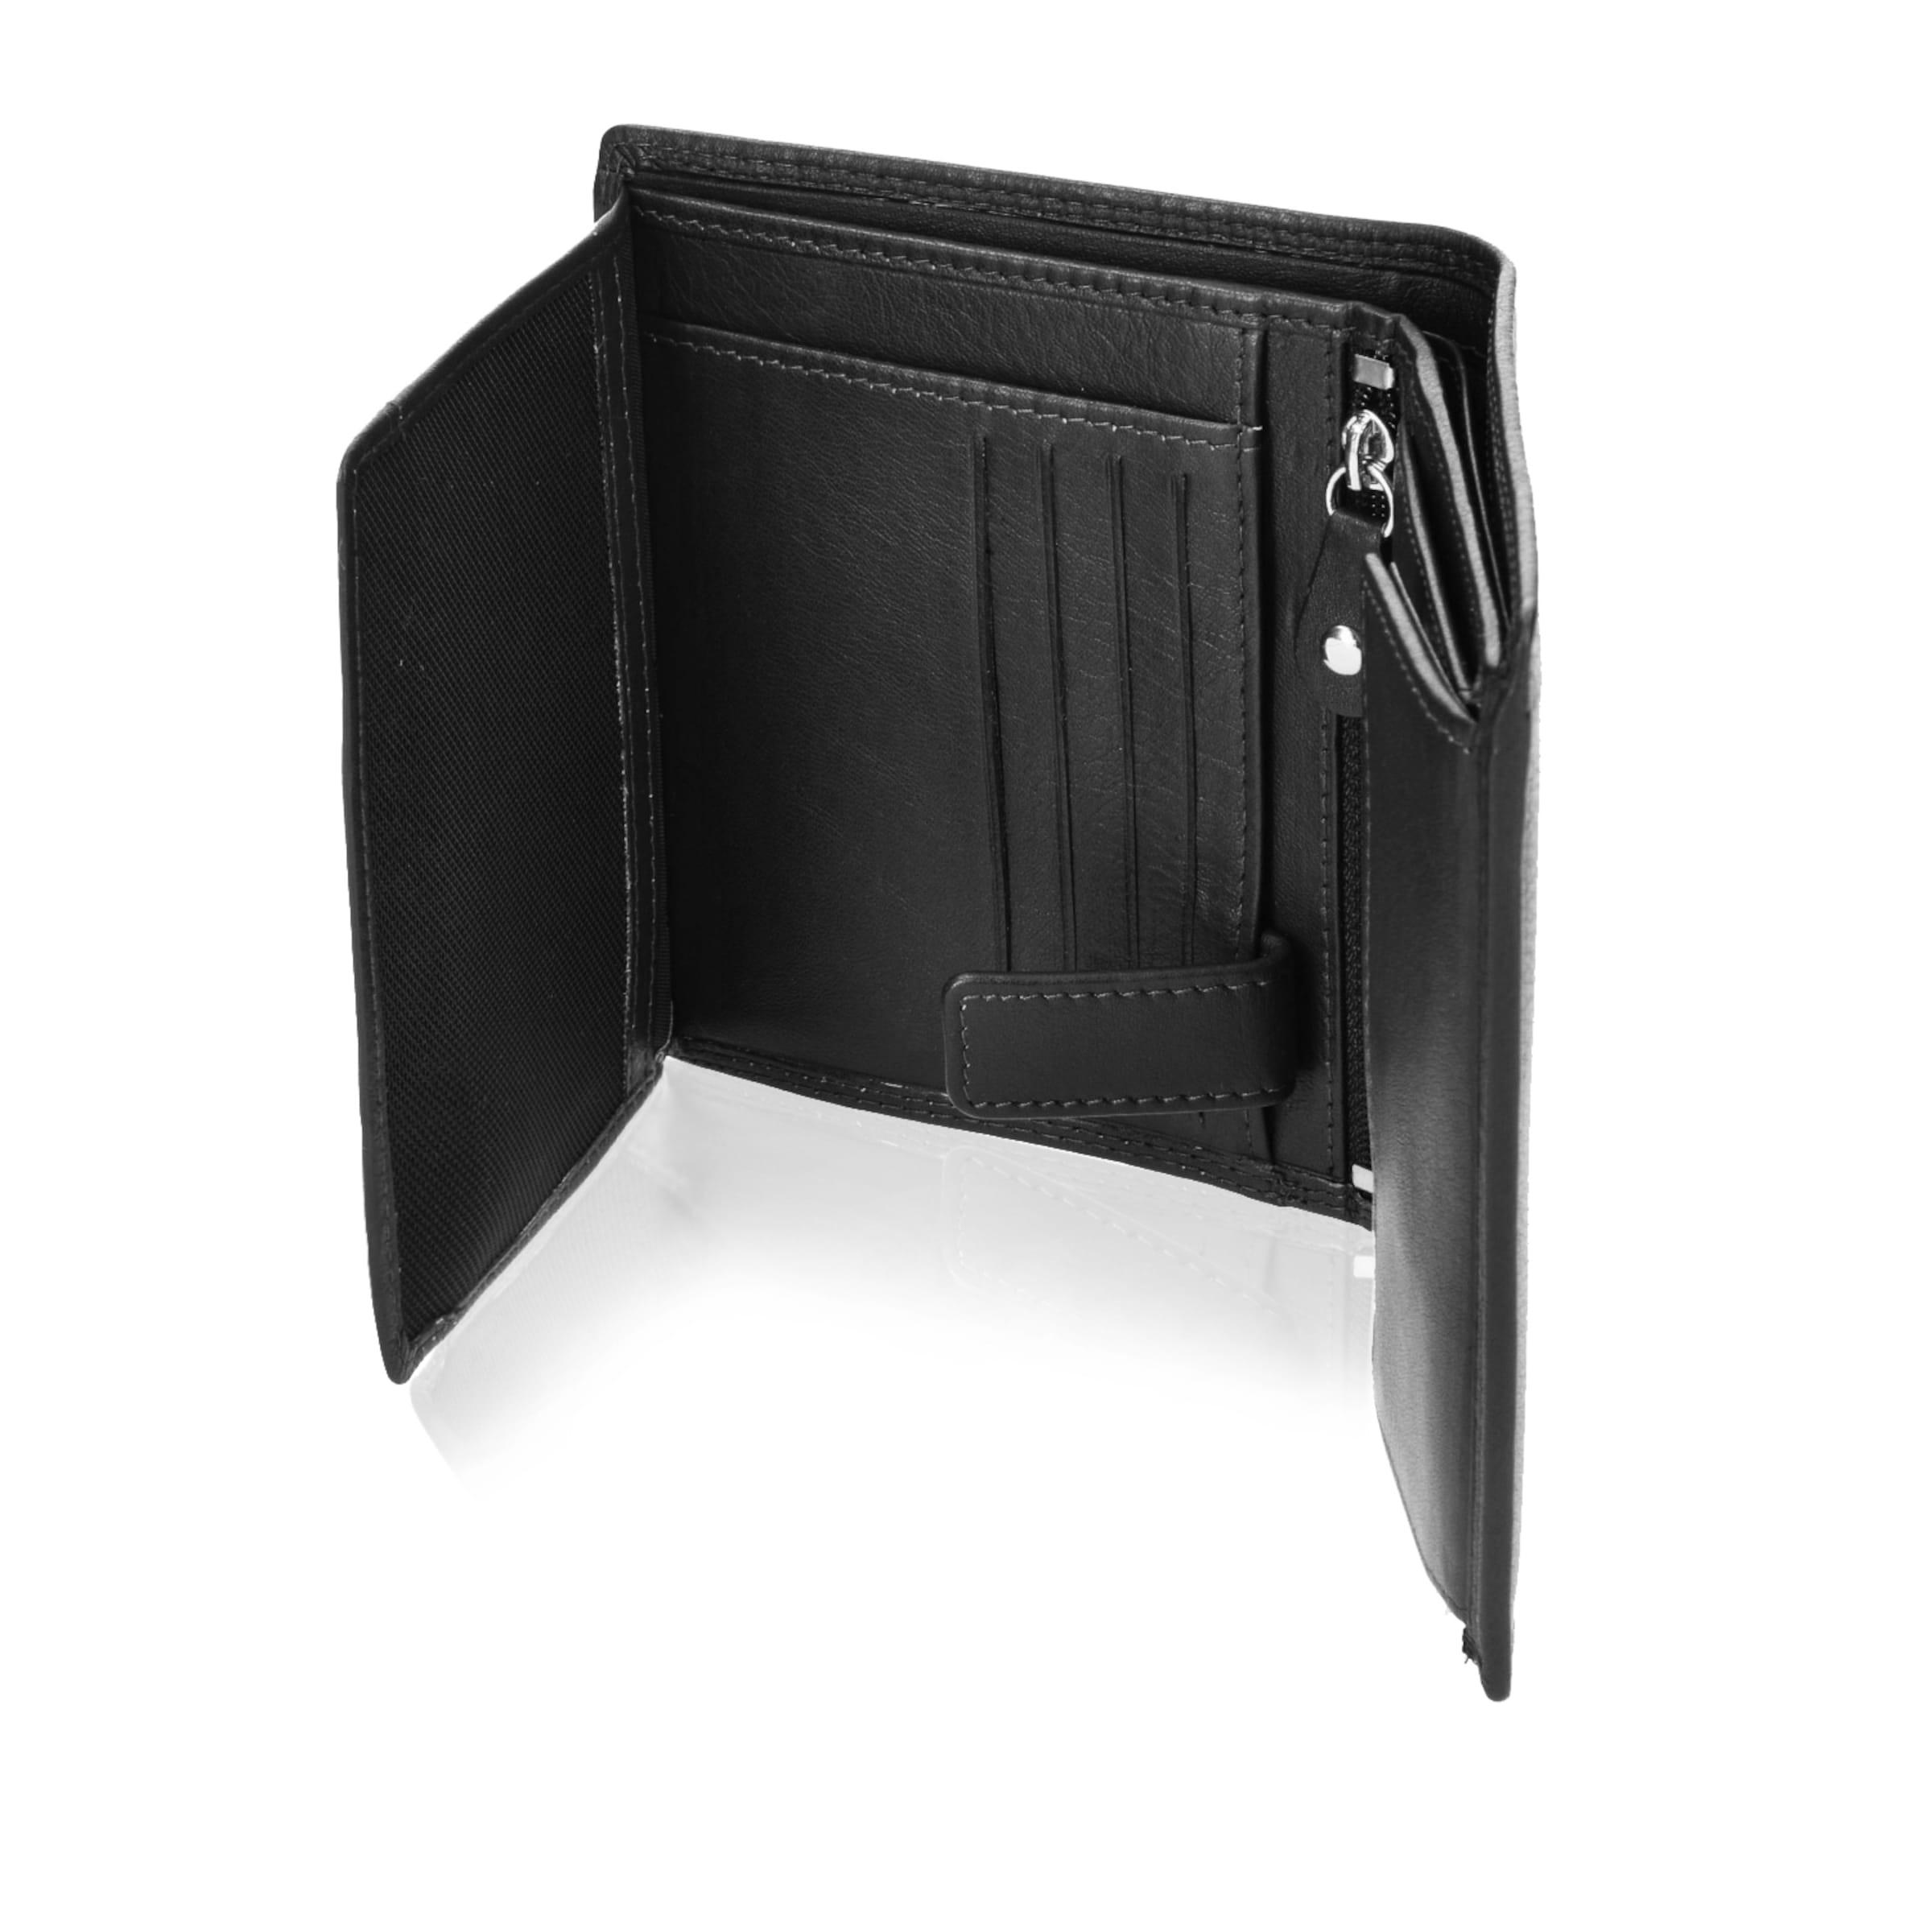 Cm Und Hochformat Mit Samsonite 5 Schwarz Geldbörse Reißverschlussfach In 10 78020 Klappfach Leder fvYby76g